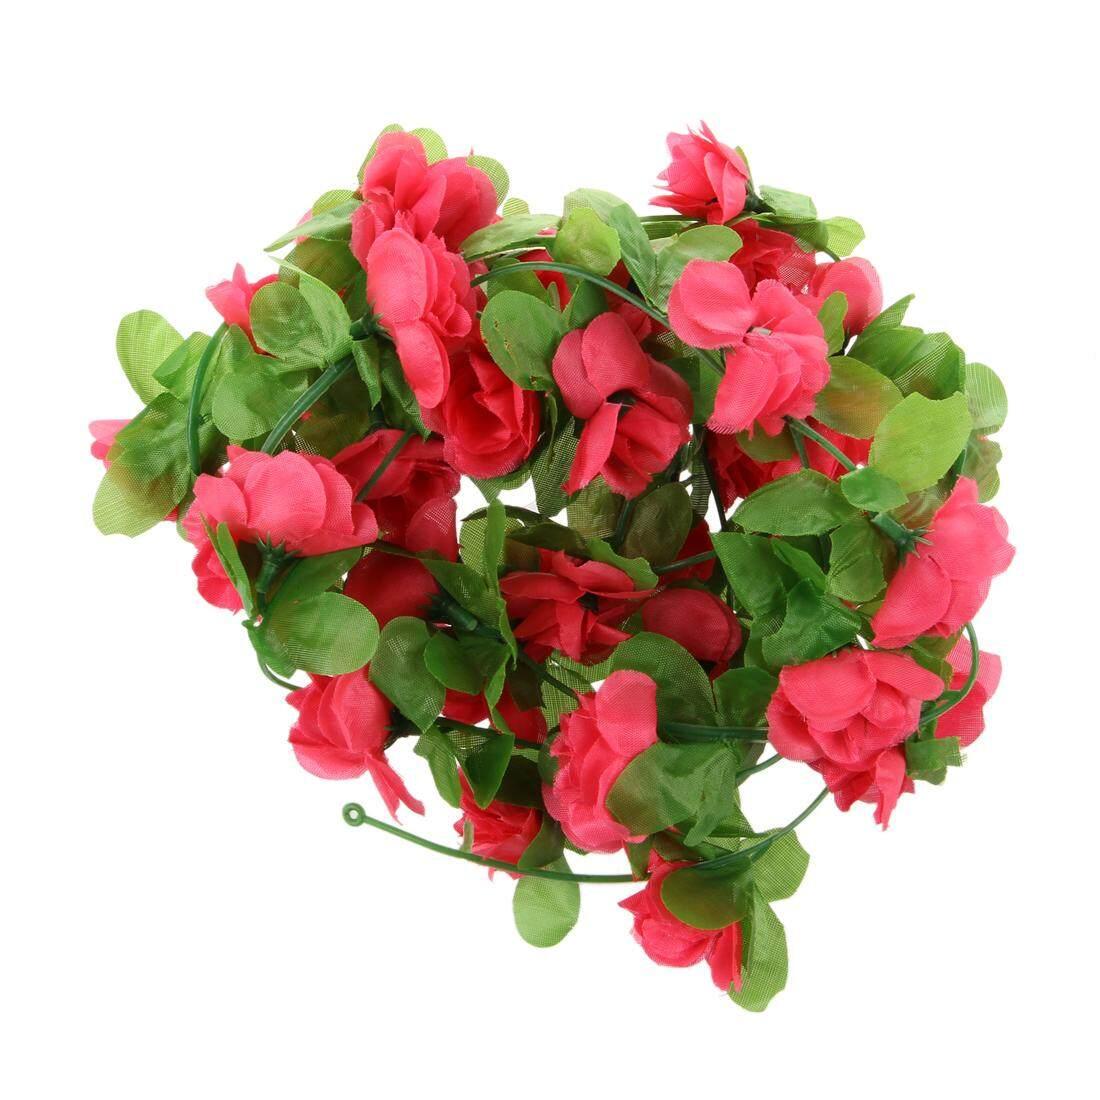 Jual artificial flower vine murah garansi dan berkualitas  ef10f2c5bf